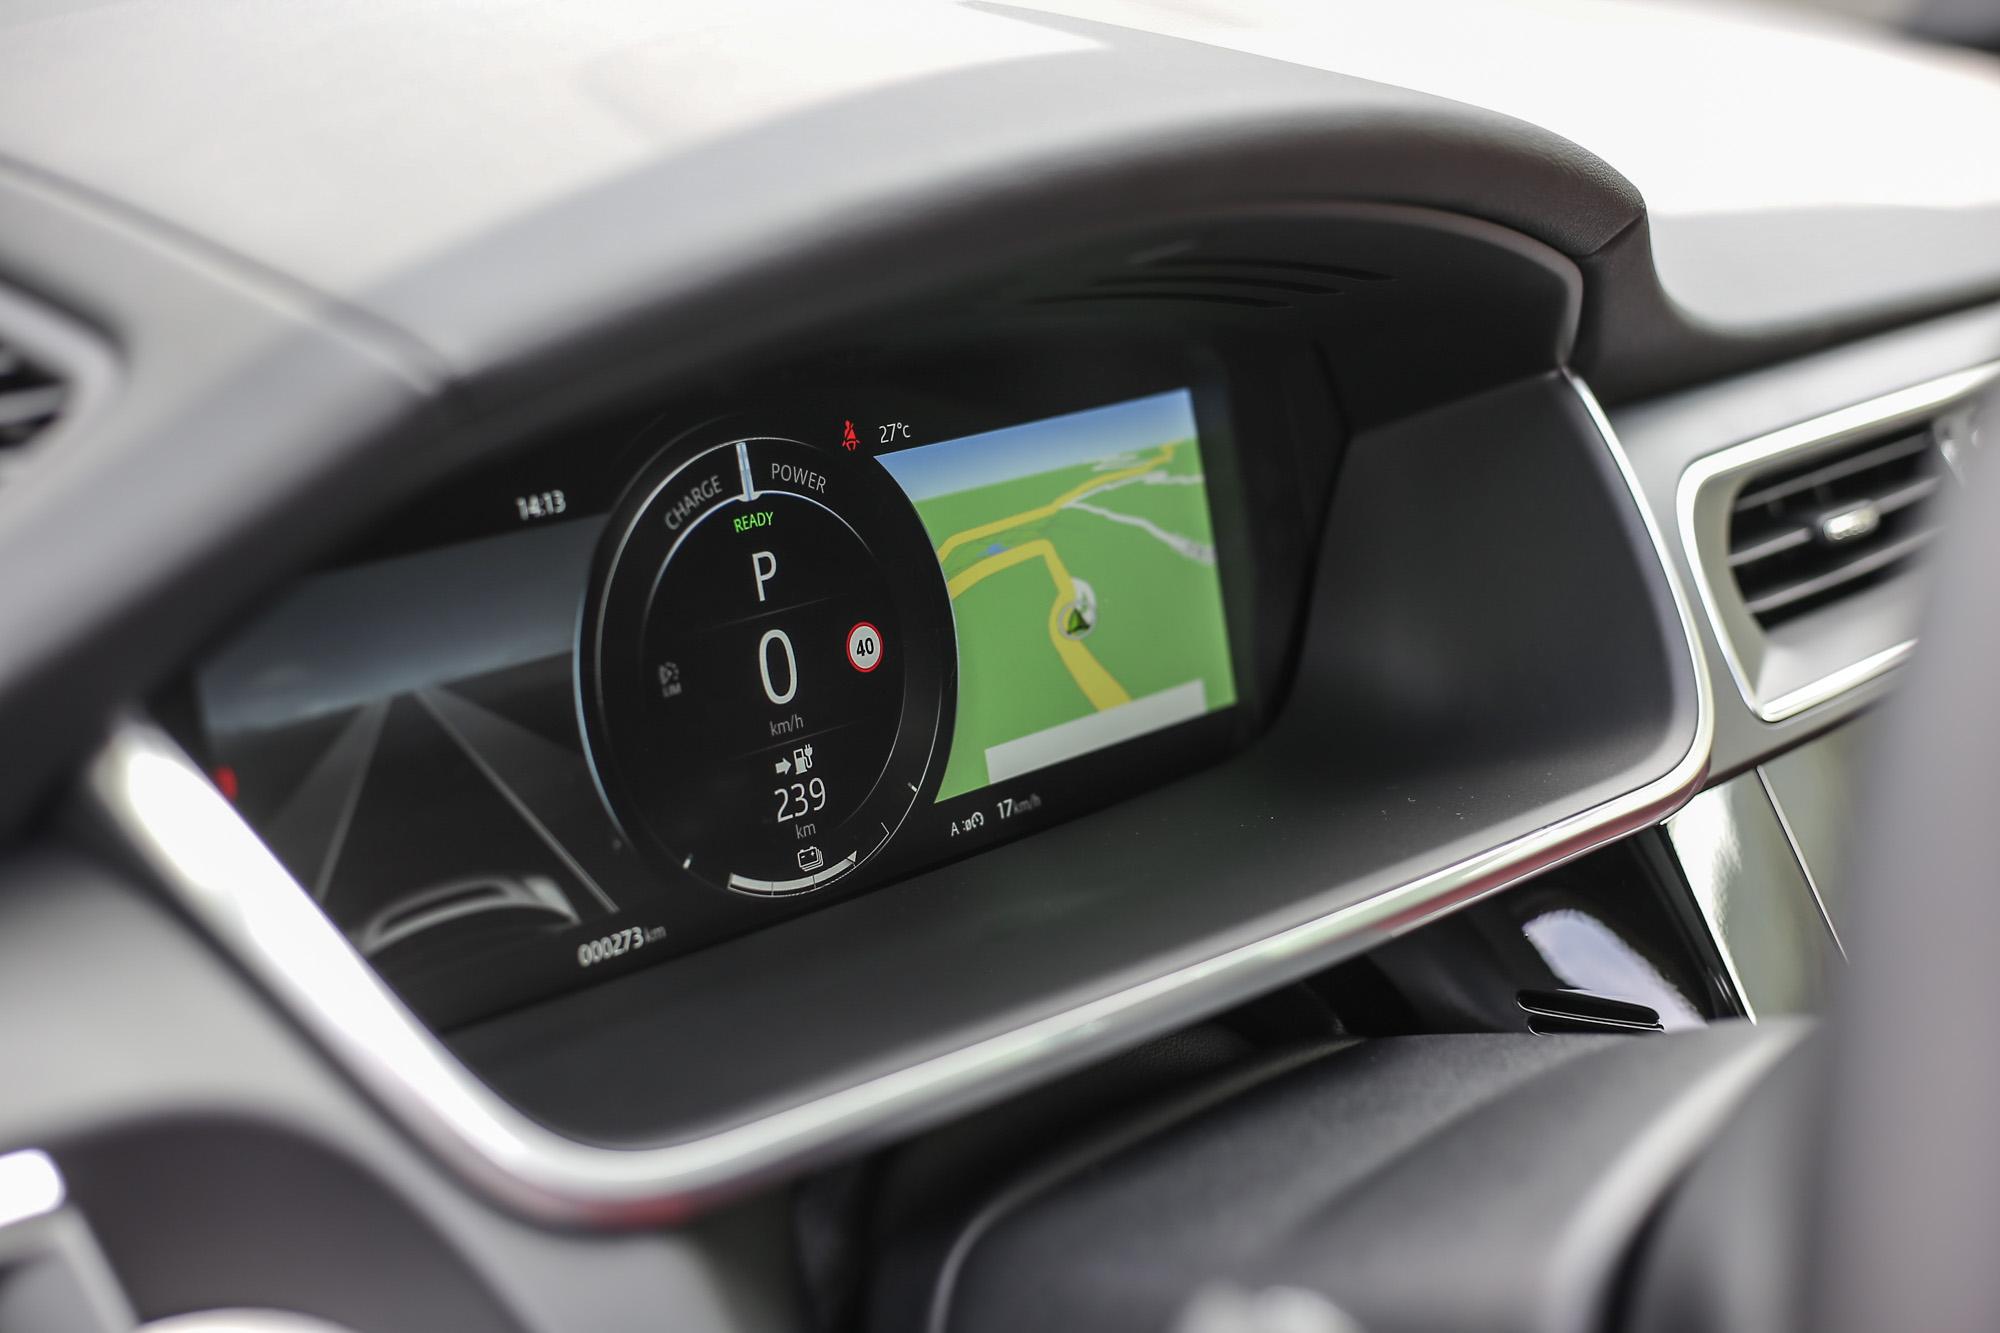 12.3 吋螢幕構成的數位儀表板。